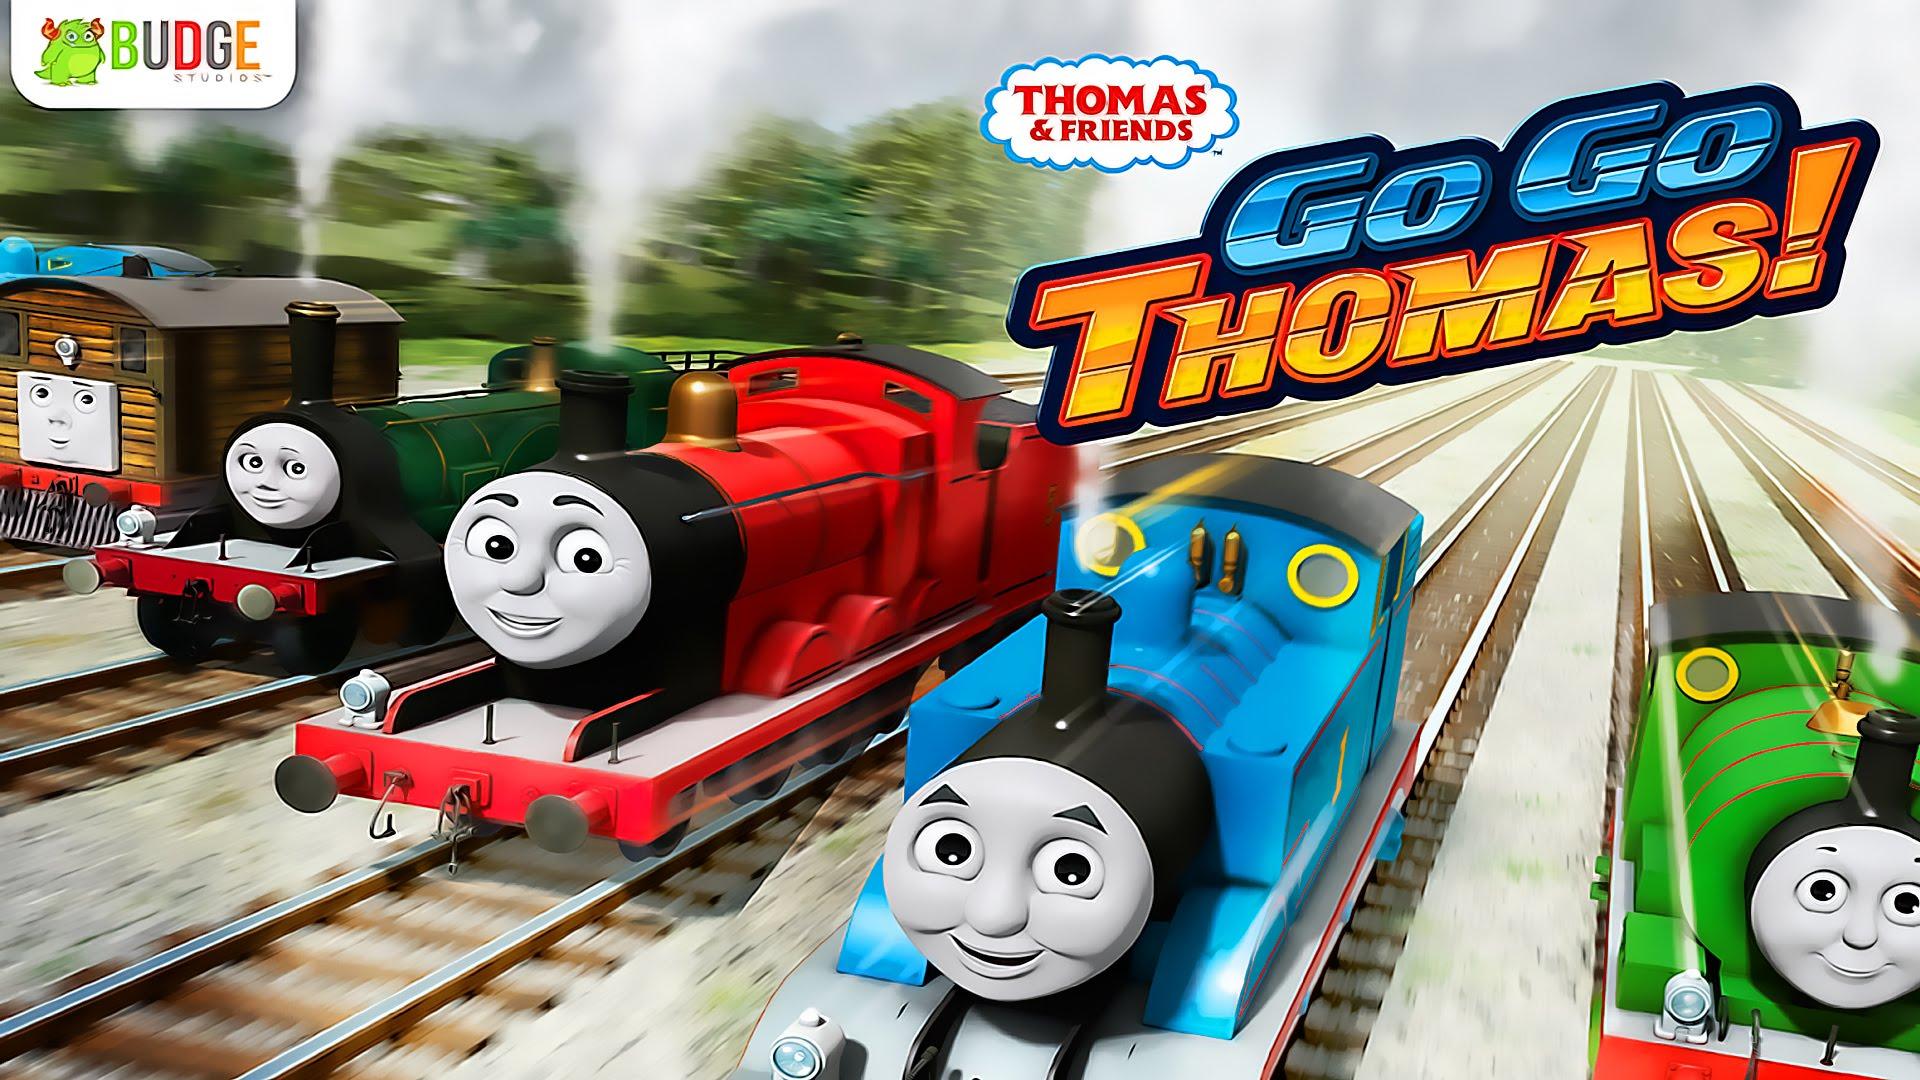 1920x1080 Thomas Amp Friends Go Go Thomas